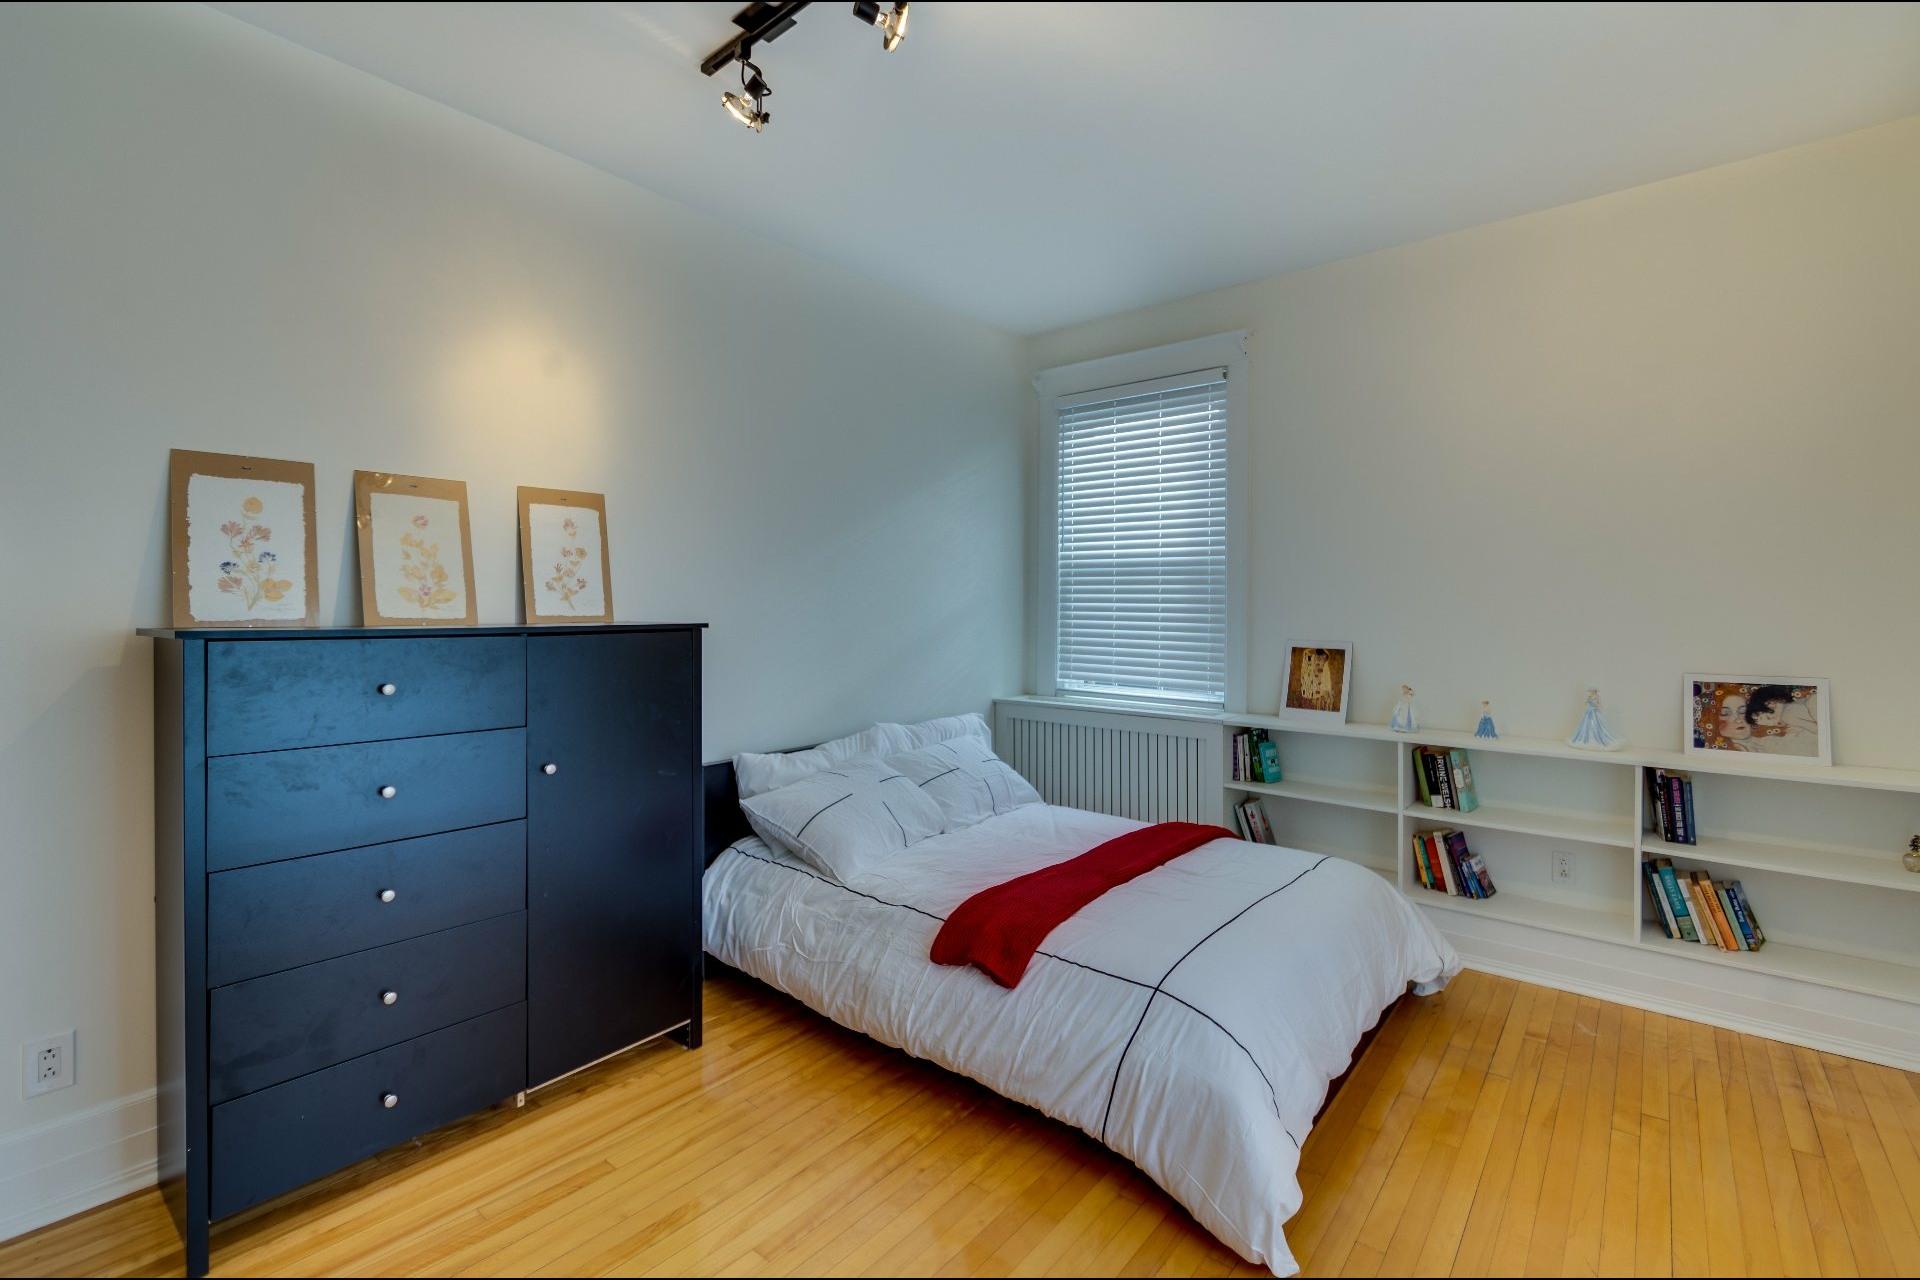 image 15 - Appartement À vendre Côte-des-Neiges/Notre-Dame-de-Grâce Montréal  - 7 pièces